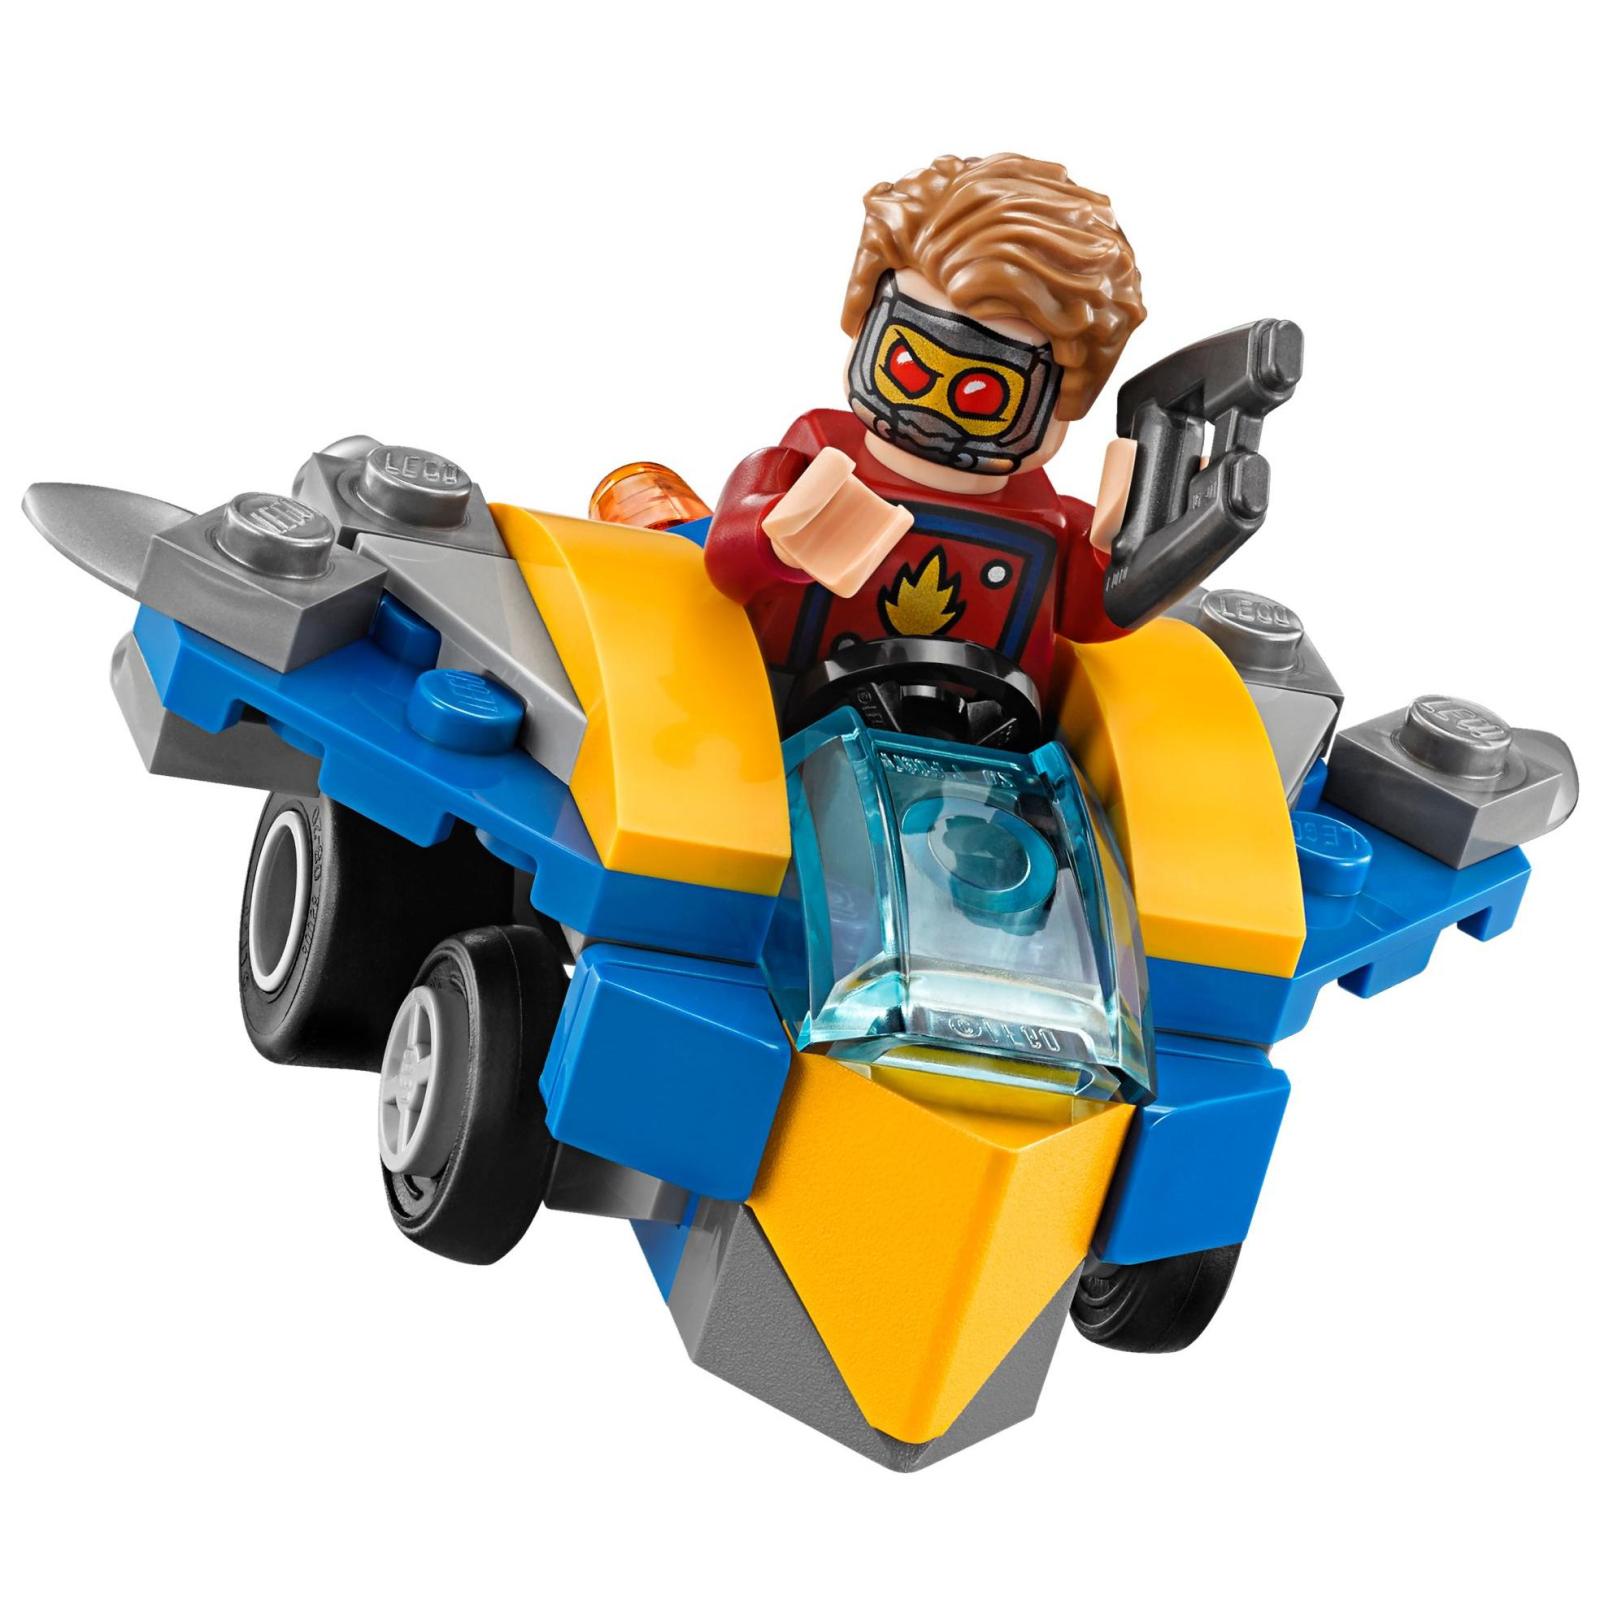 Конструктор LEGO Super Heroes Mighty Micros: Звездный лорд против Небулы (76090) изображение 5